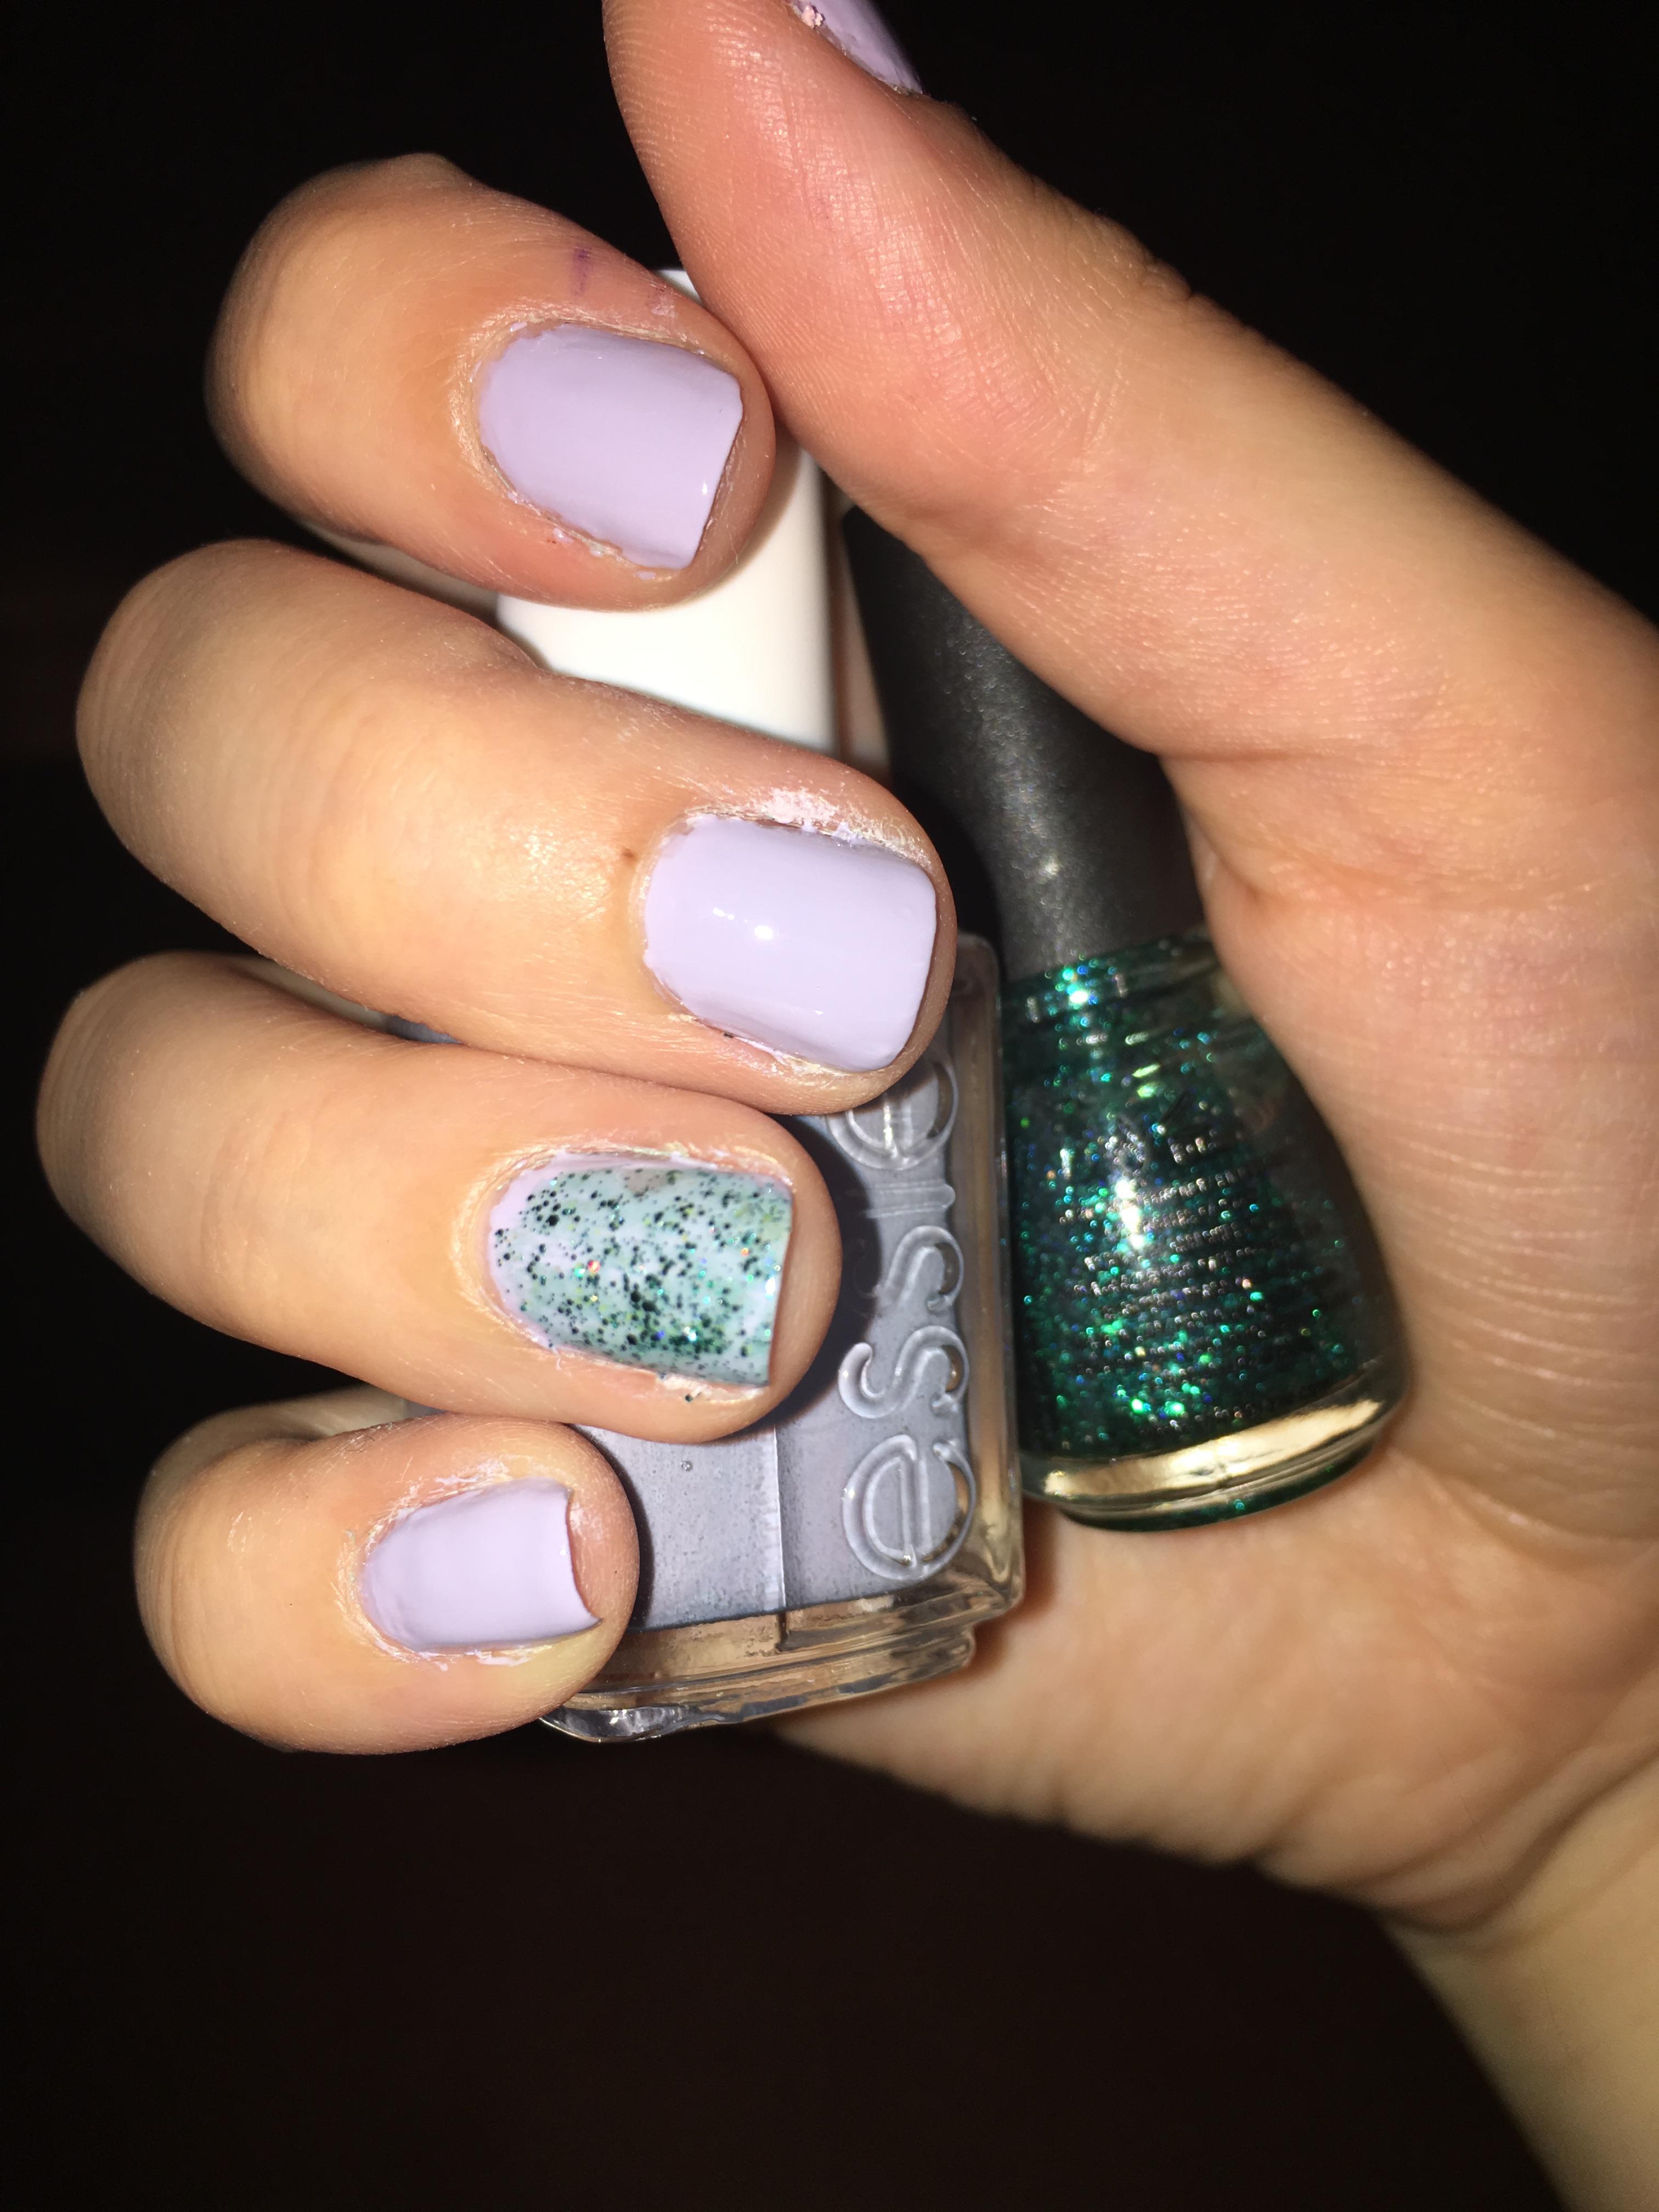 Disney Princess Inspired Nails | The Fashion Foot